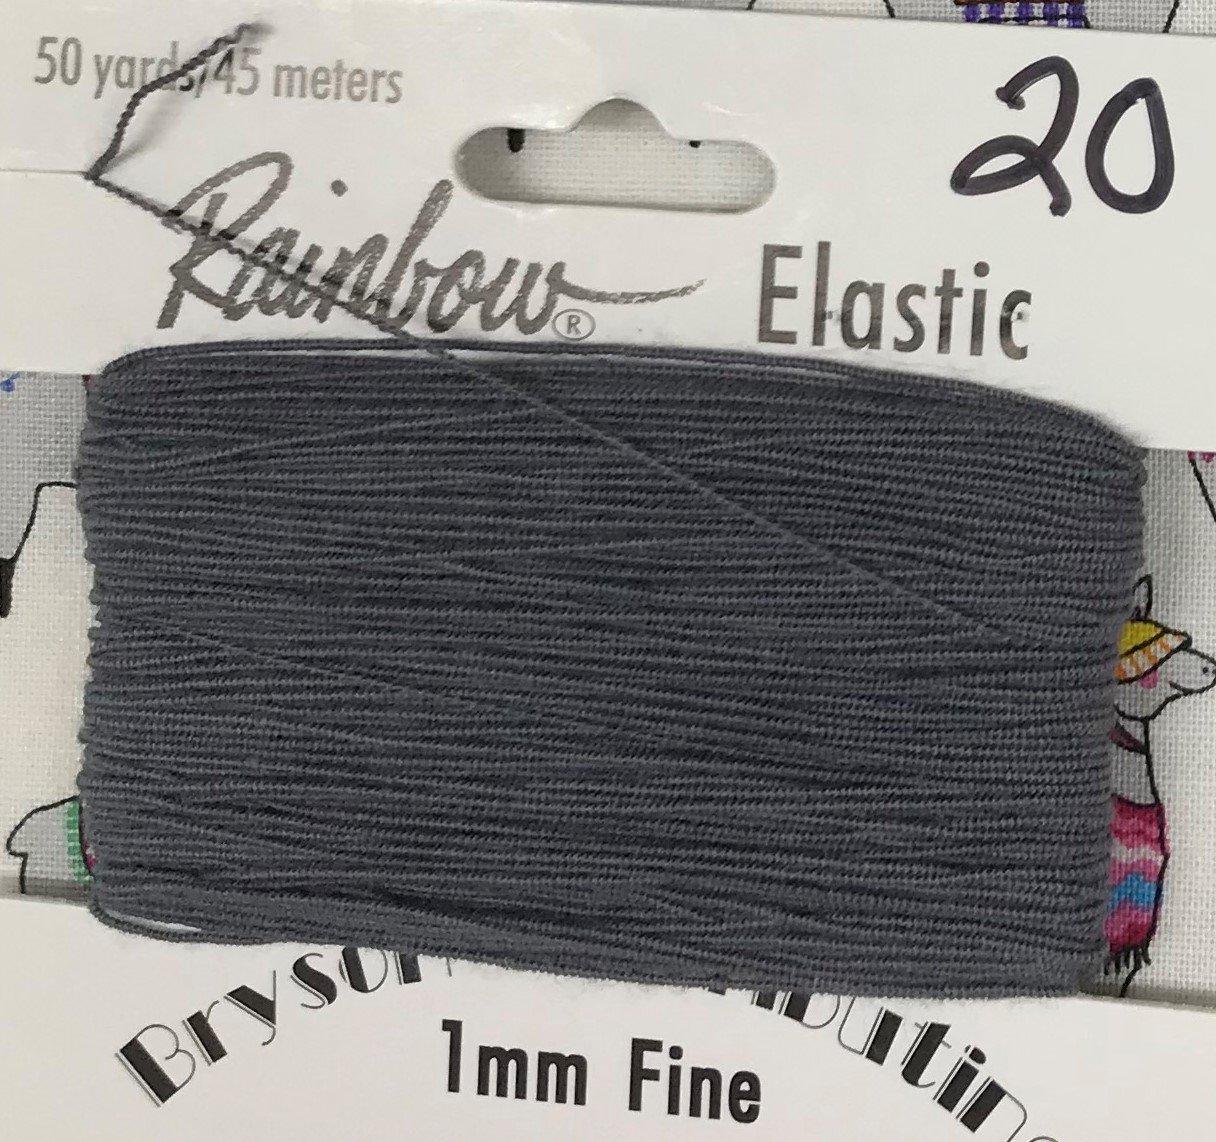 Smoke, 1mm Fine-50y Elastic